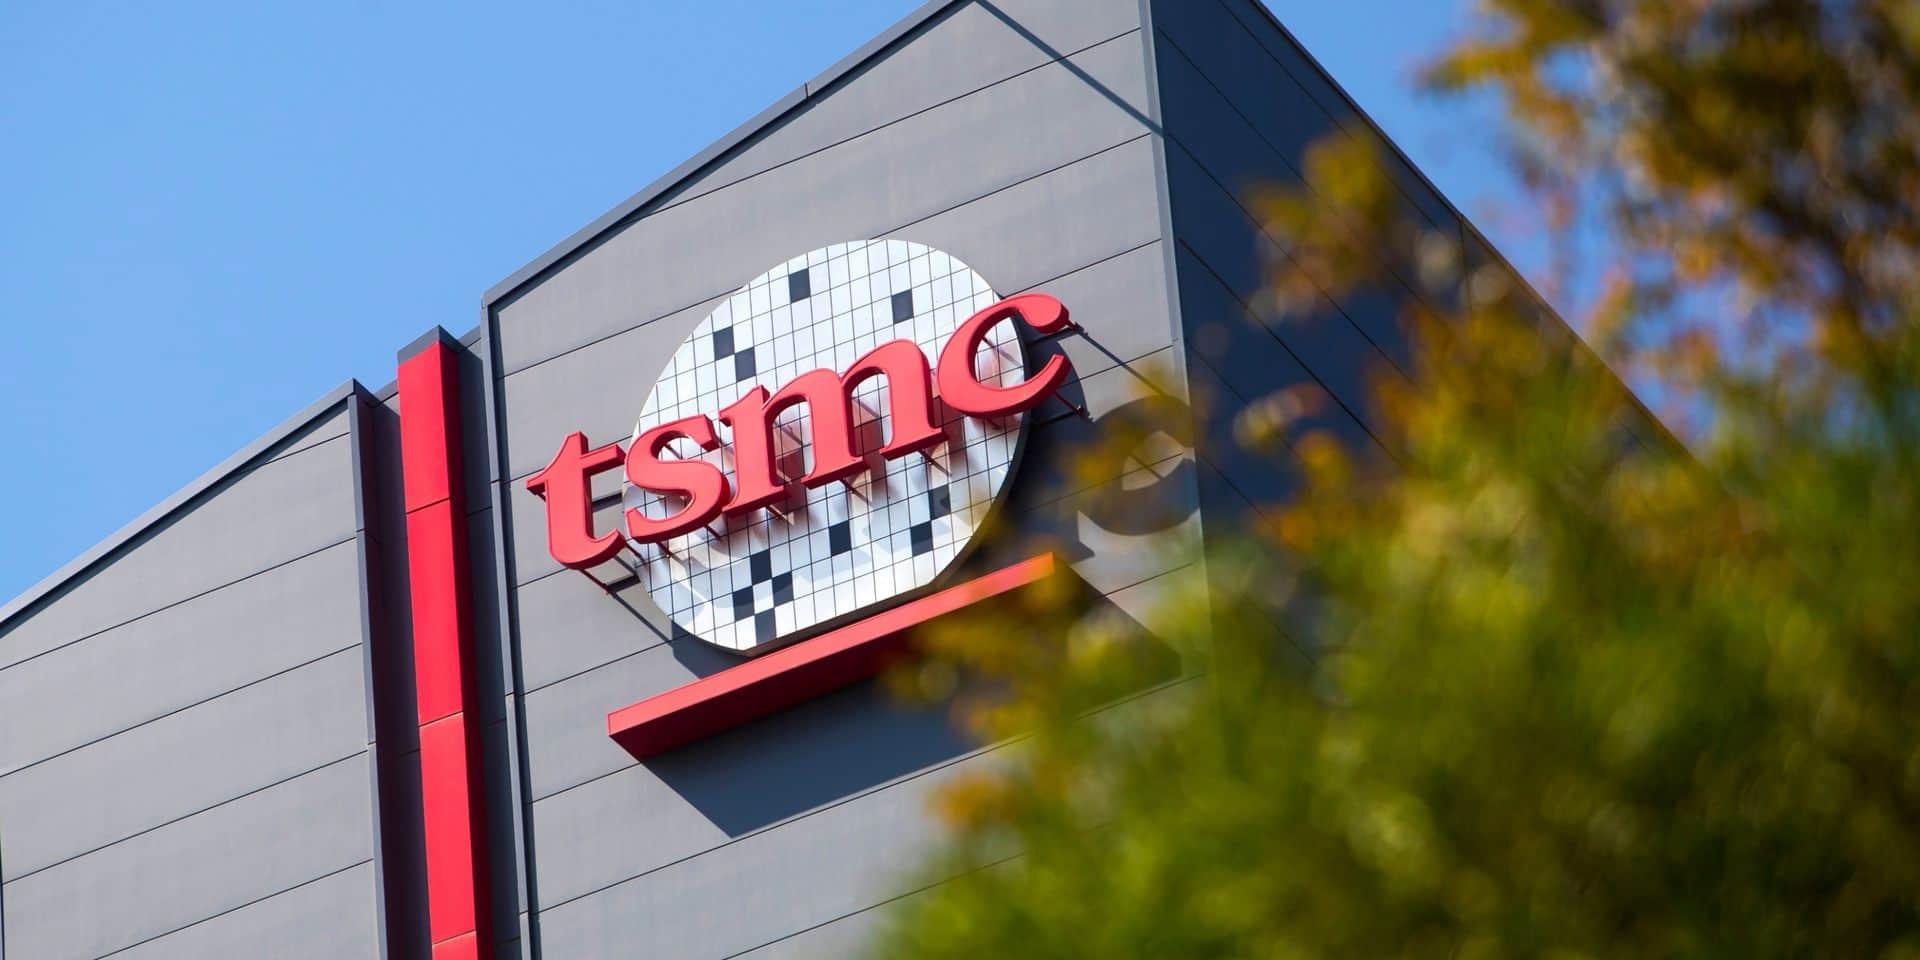 La pénurie de puces semi-conductrices fait les choux gras de l'entreprise TSMC